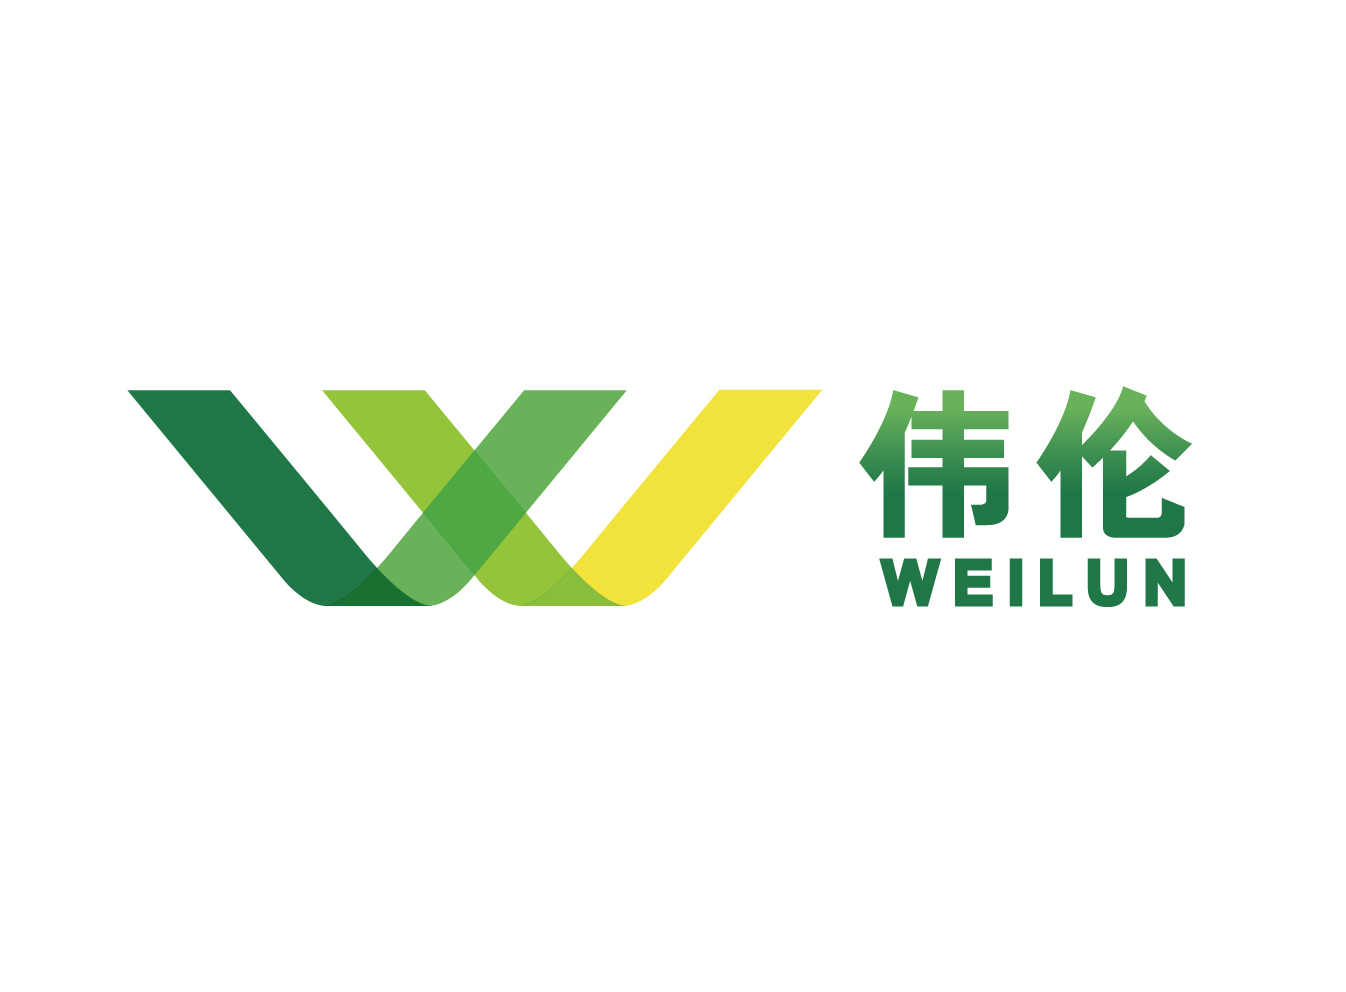 logo logo 标志 设计 矢量 矢量图 素材 图标 1346_992